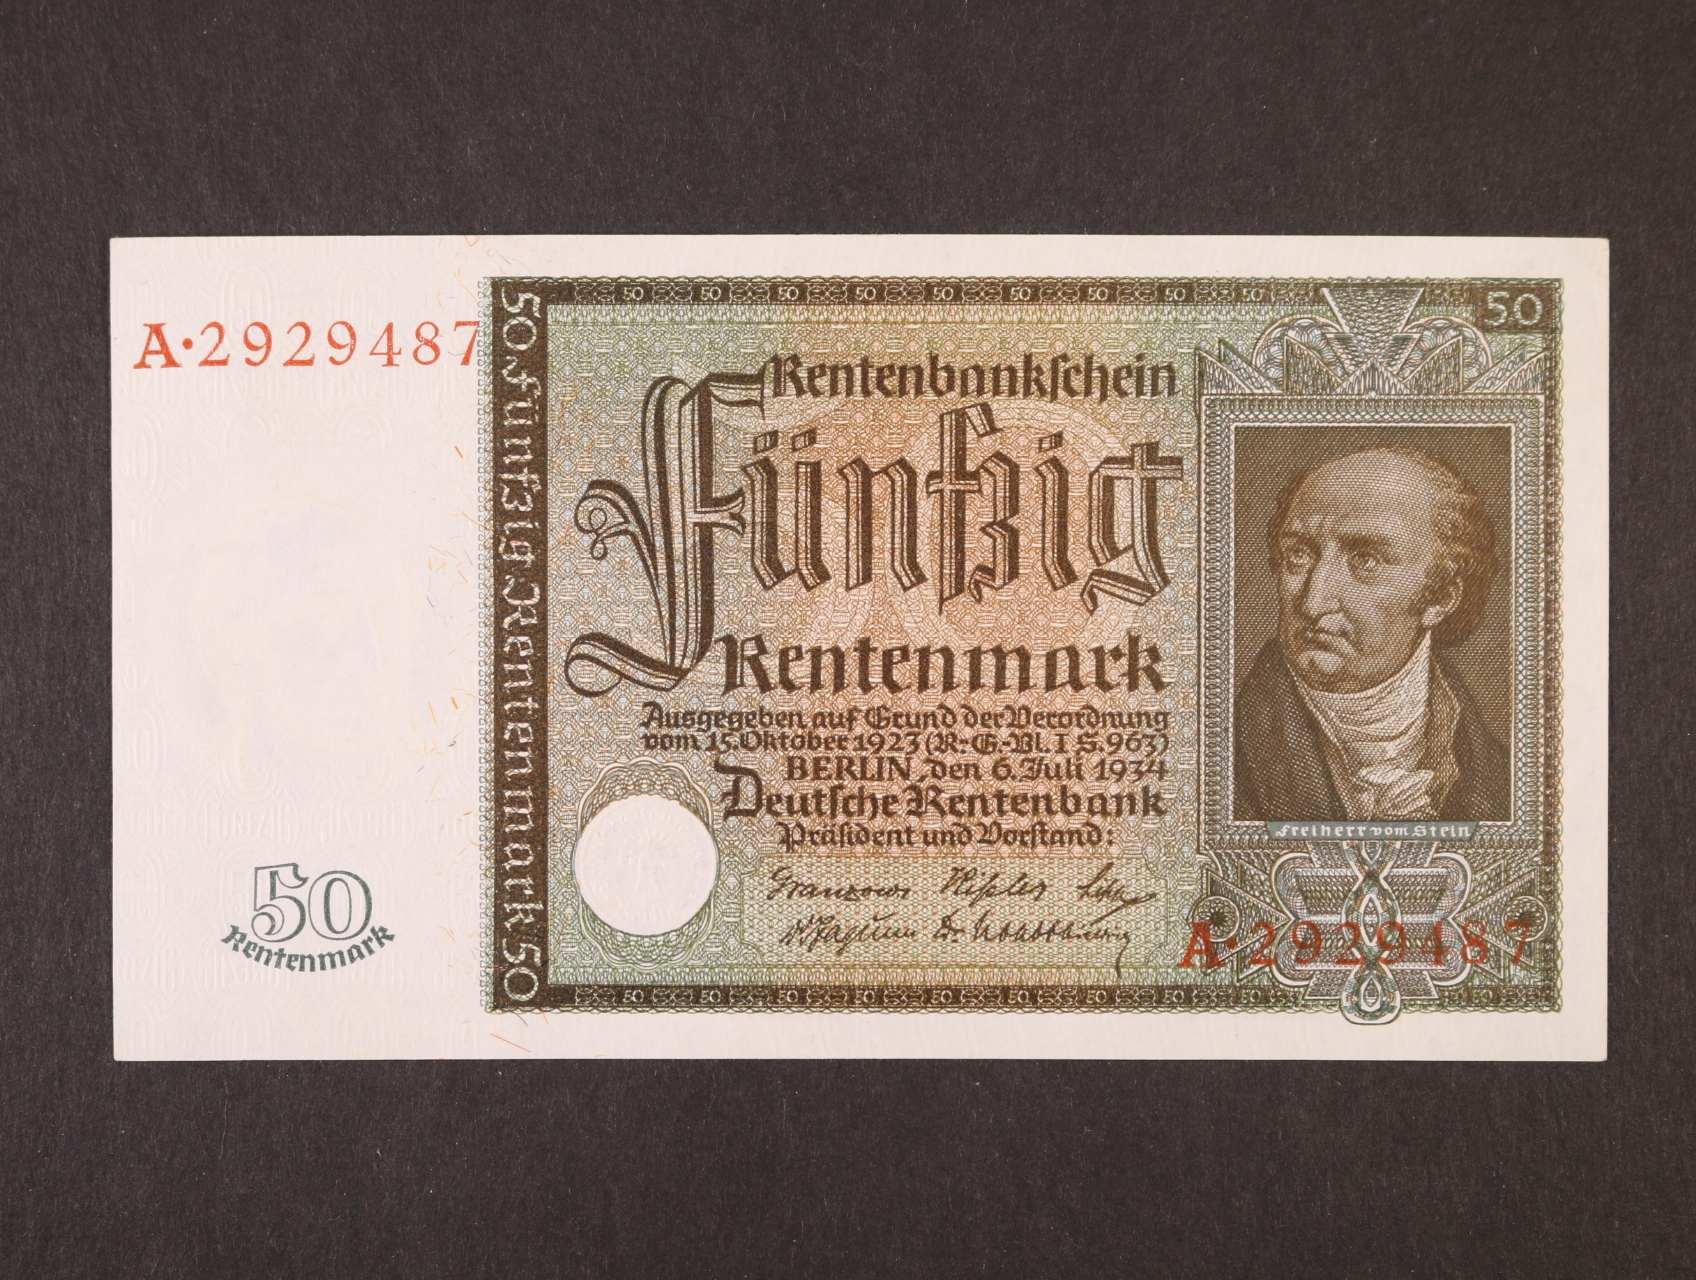 50 Rtm 26.7.1934 série A, platná na ČS území, Ro. 165, Ba, D16, krásná zachovalost